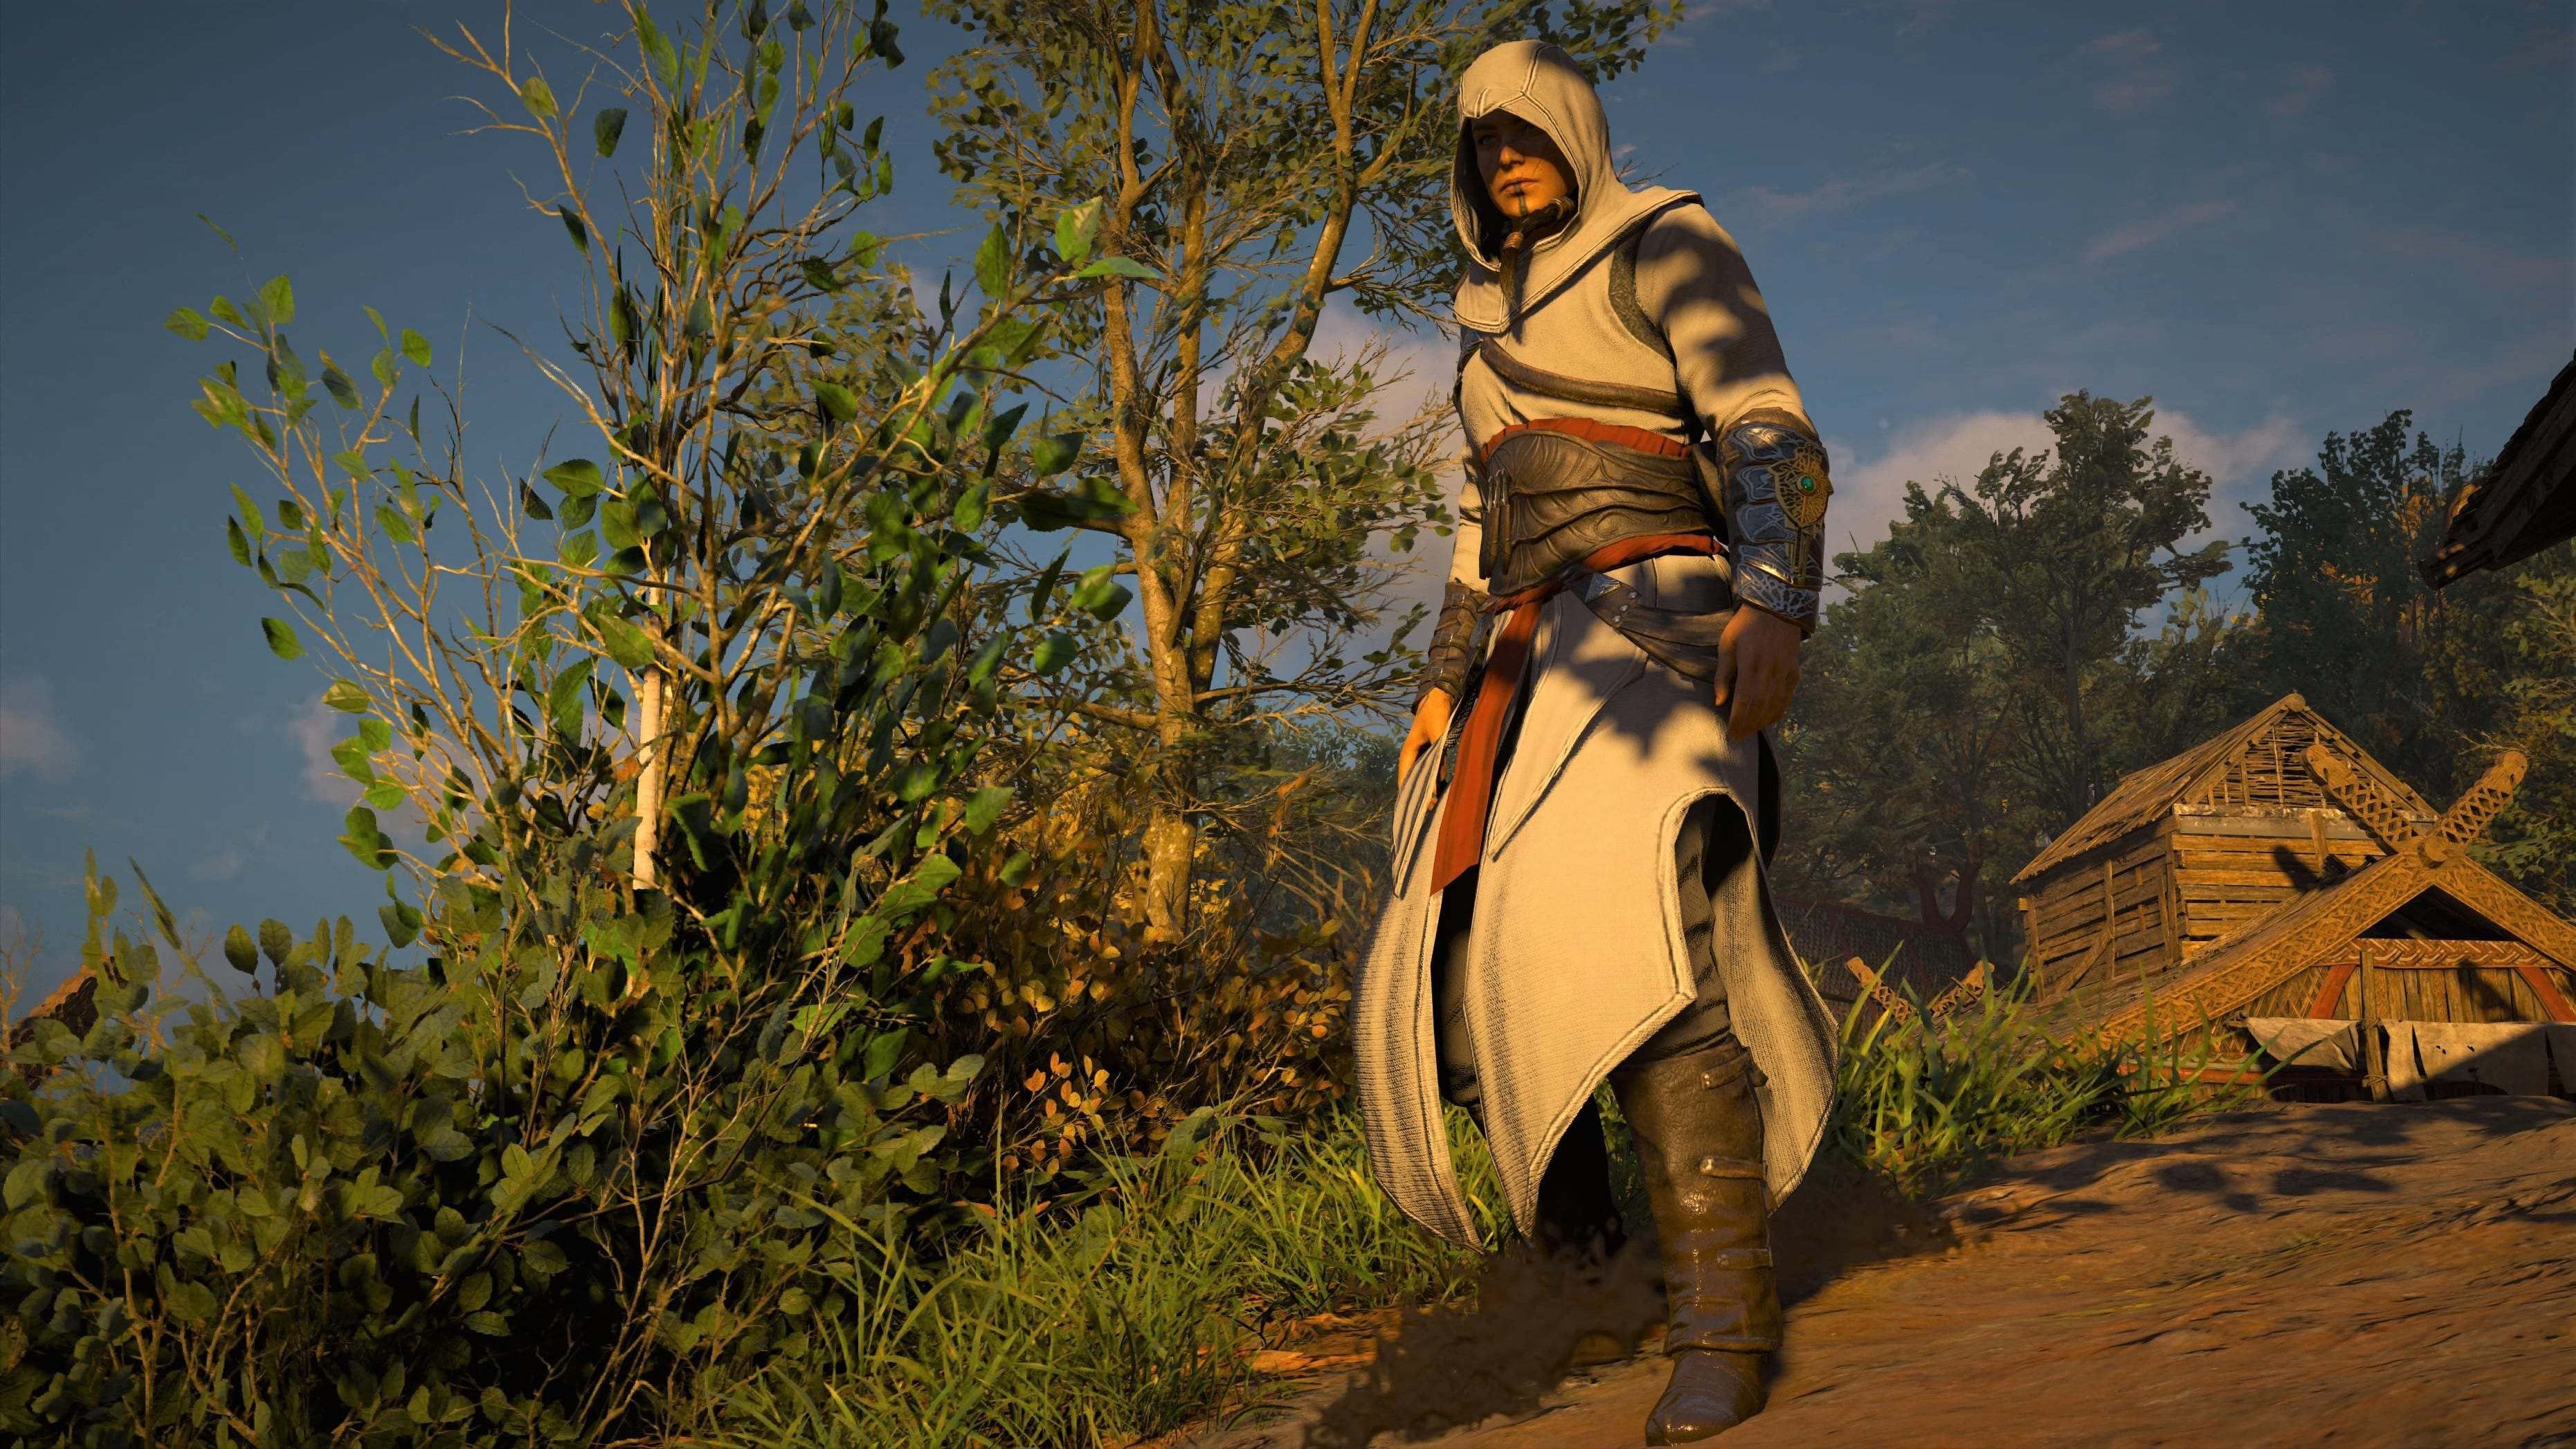 Assassin's Creed Valhalla Altair Rüstung kostenlos